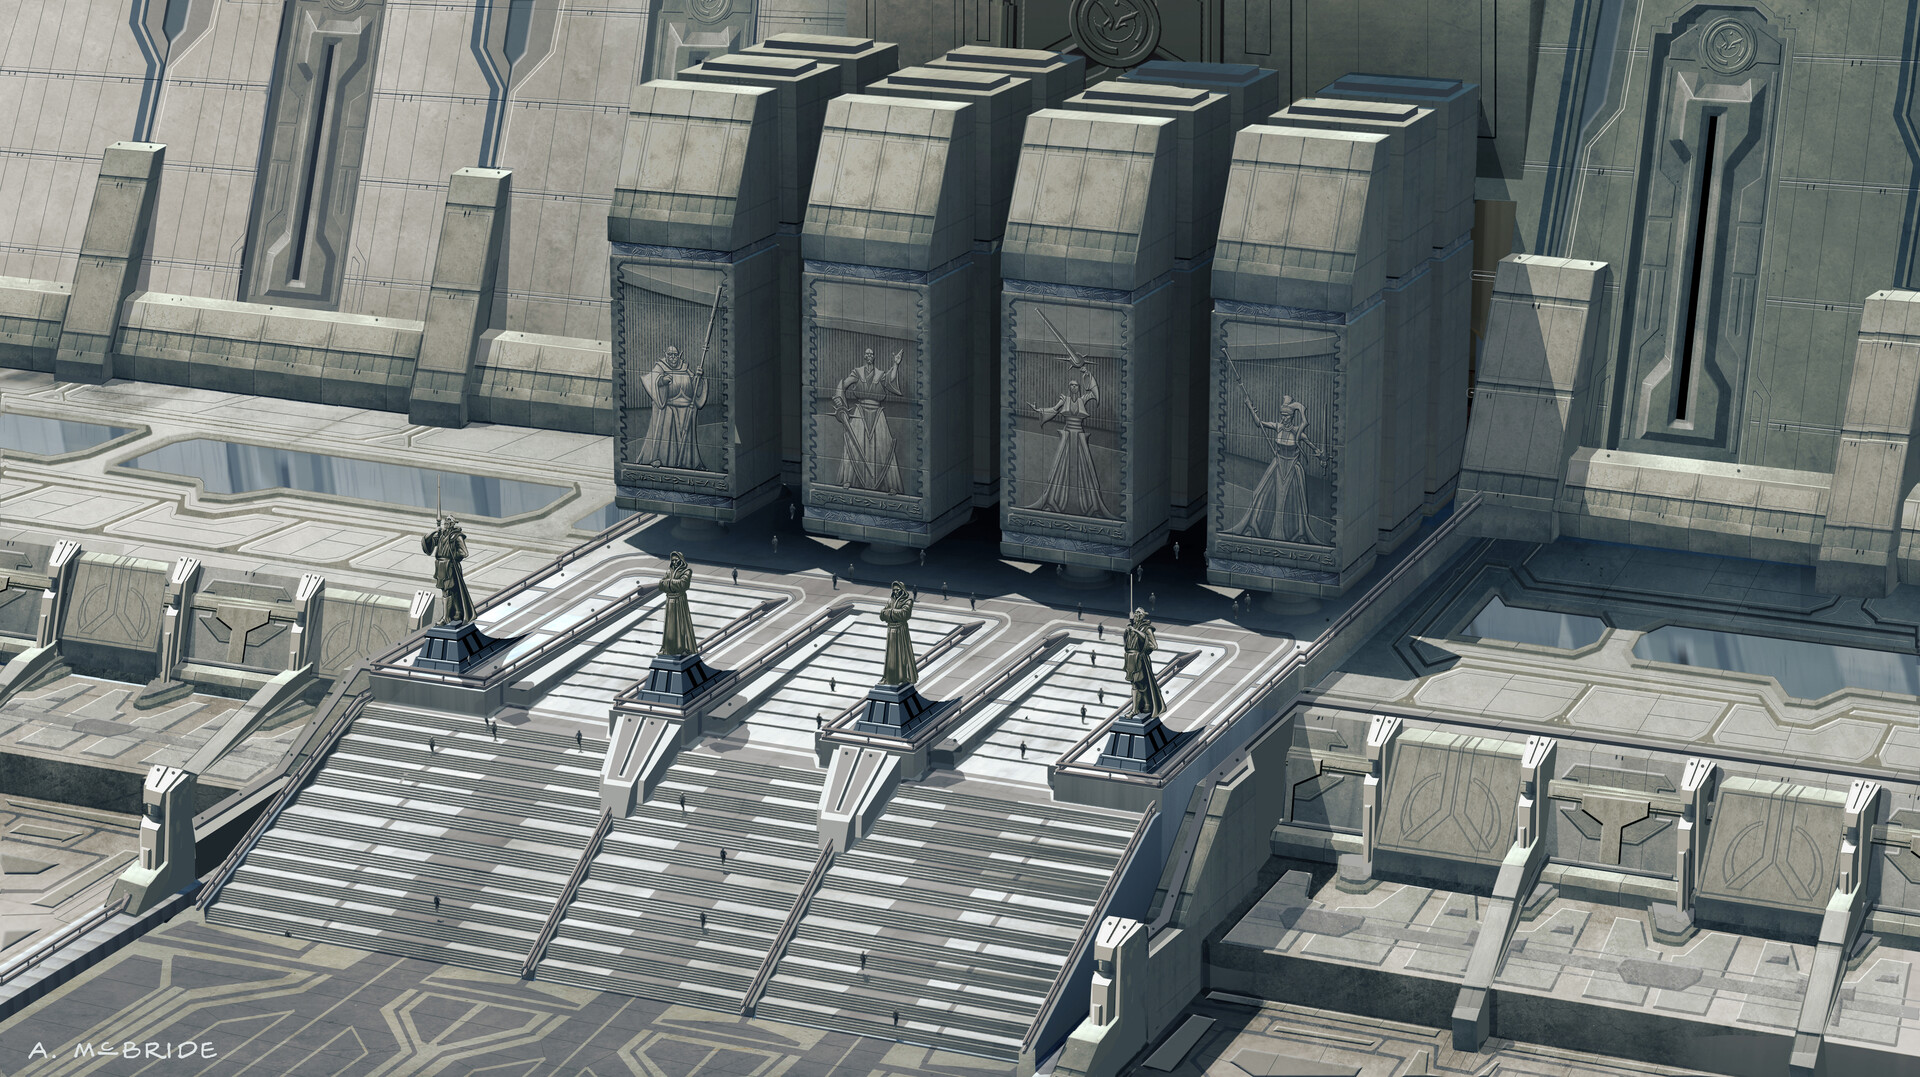 Aaron mcbride jedi templ facade detail v3